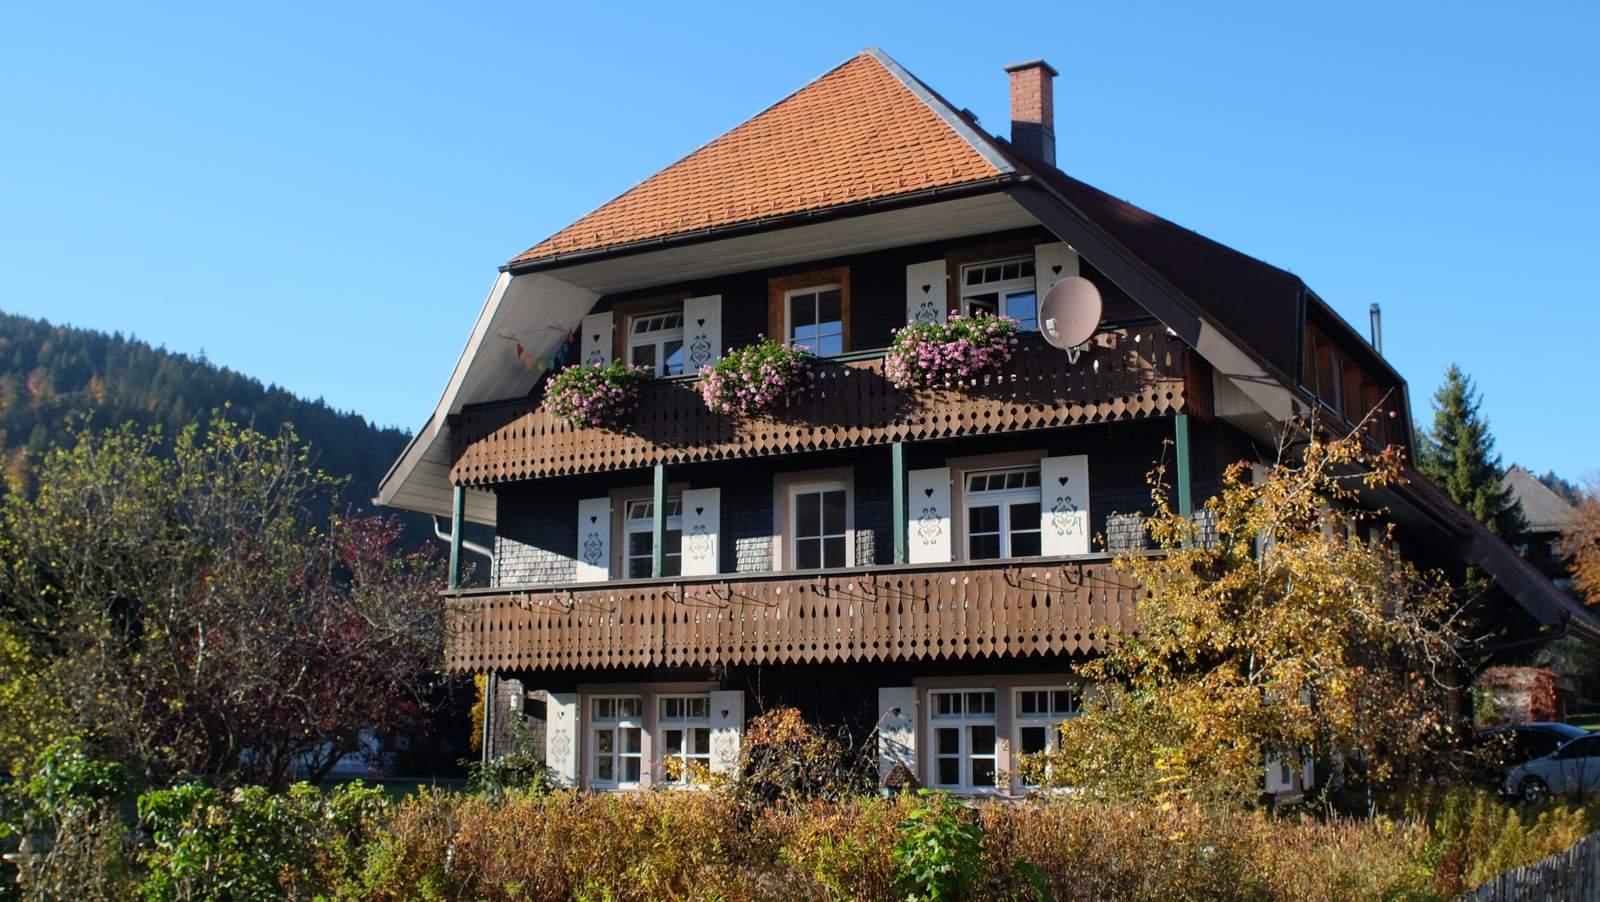 Ferienwohnung in menzenschwand urlaub im schwarzwald for Ferienwohnung im schwarzwald